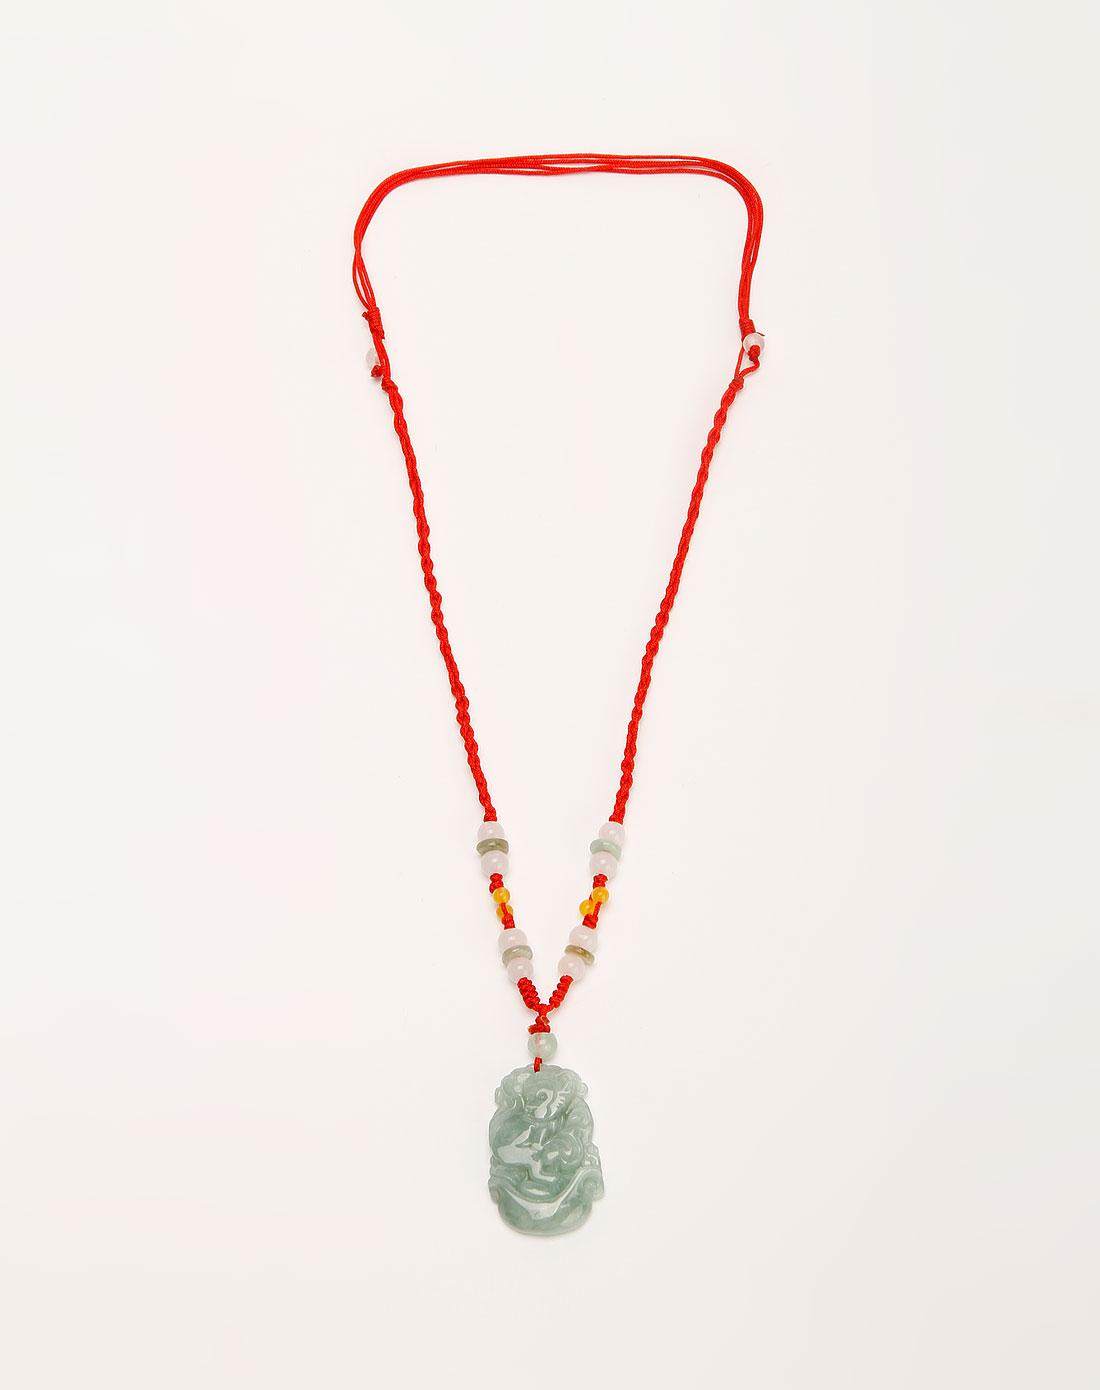 打结方法图解图片下载分享; 熙帝siddhi绿色猴玉石吊坠时尚编织项链;